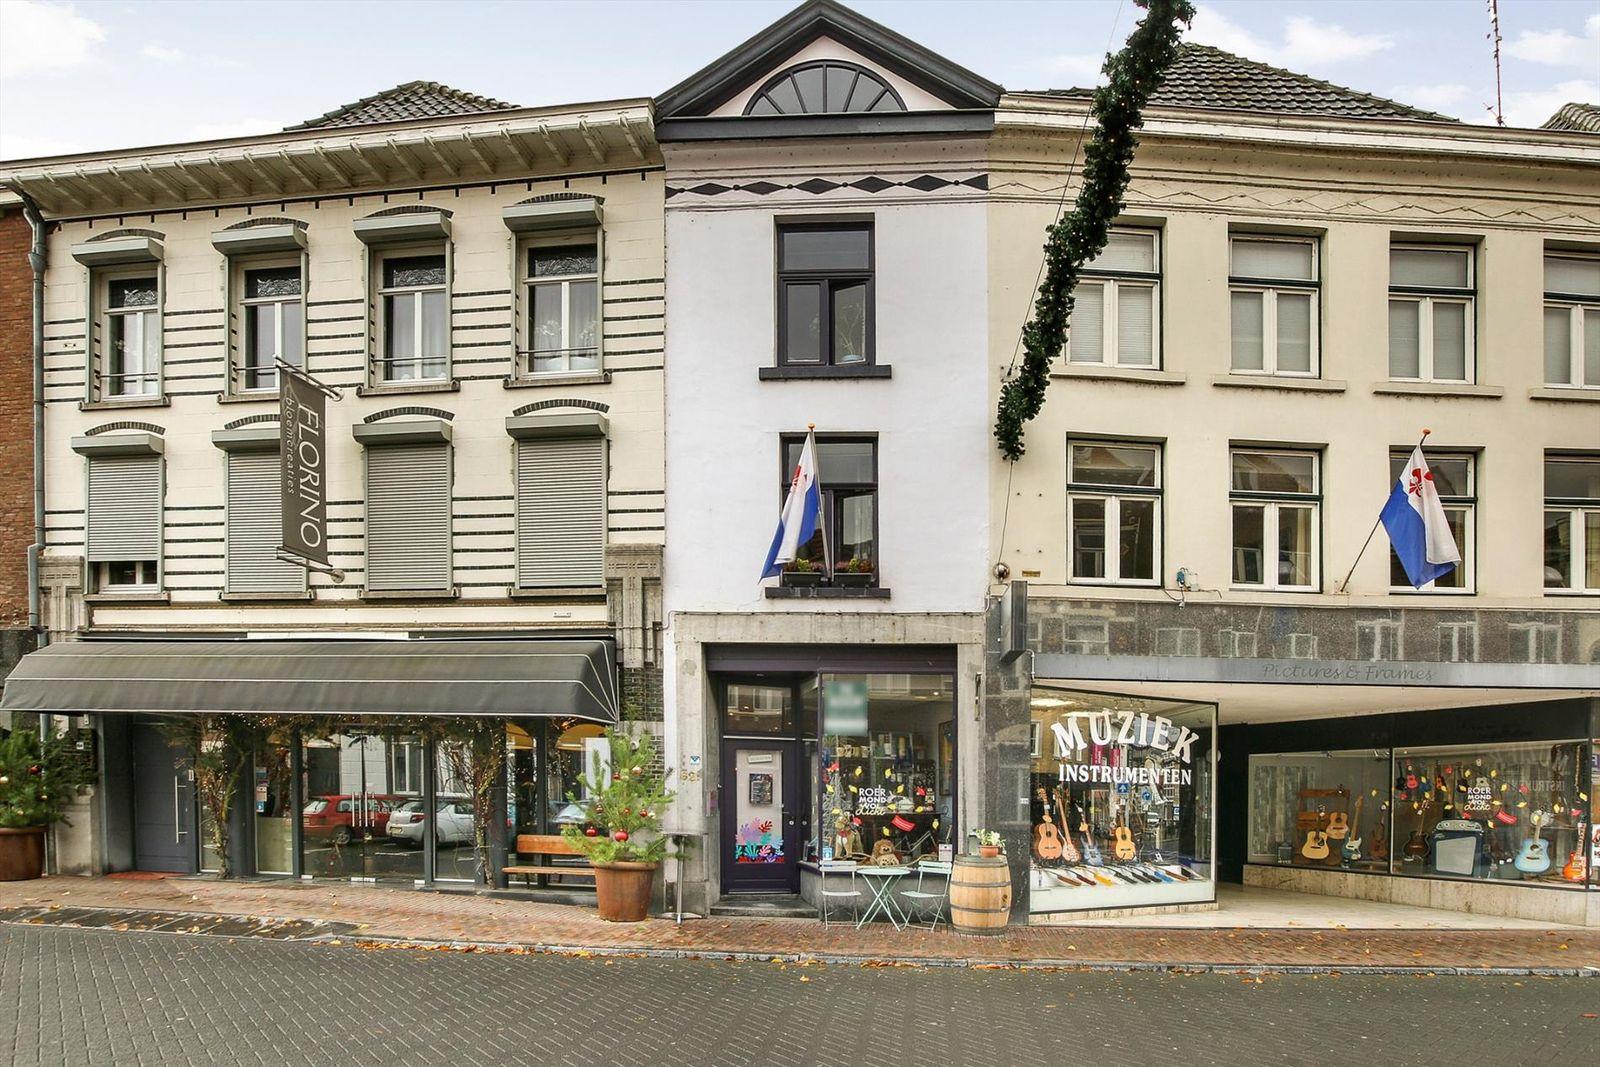 Neerstraat 62A, Roermond